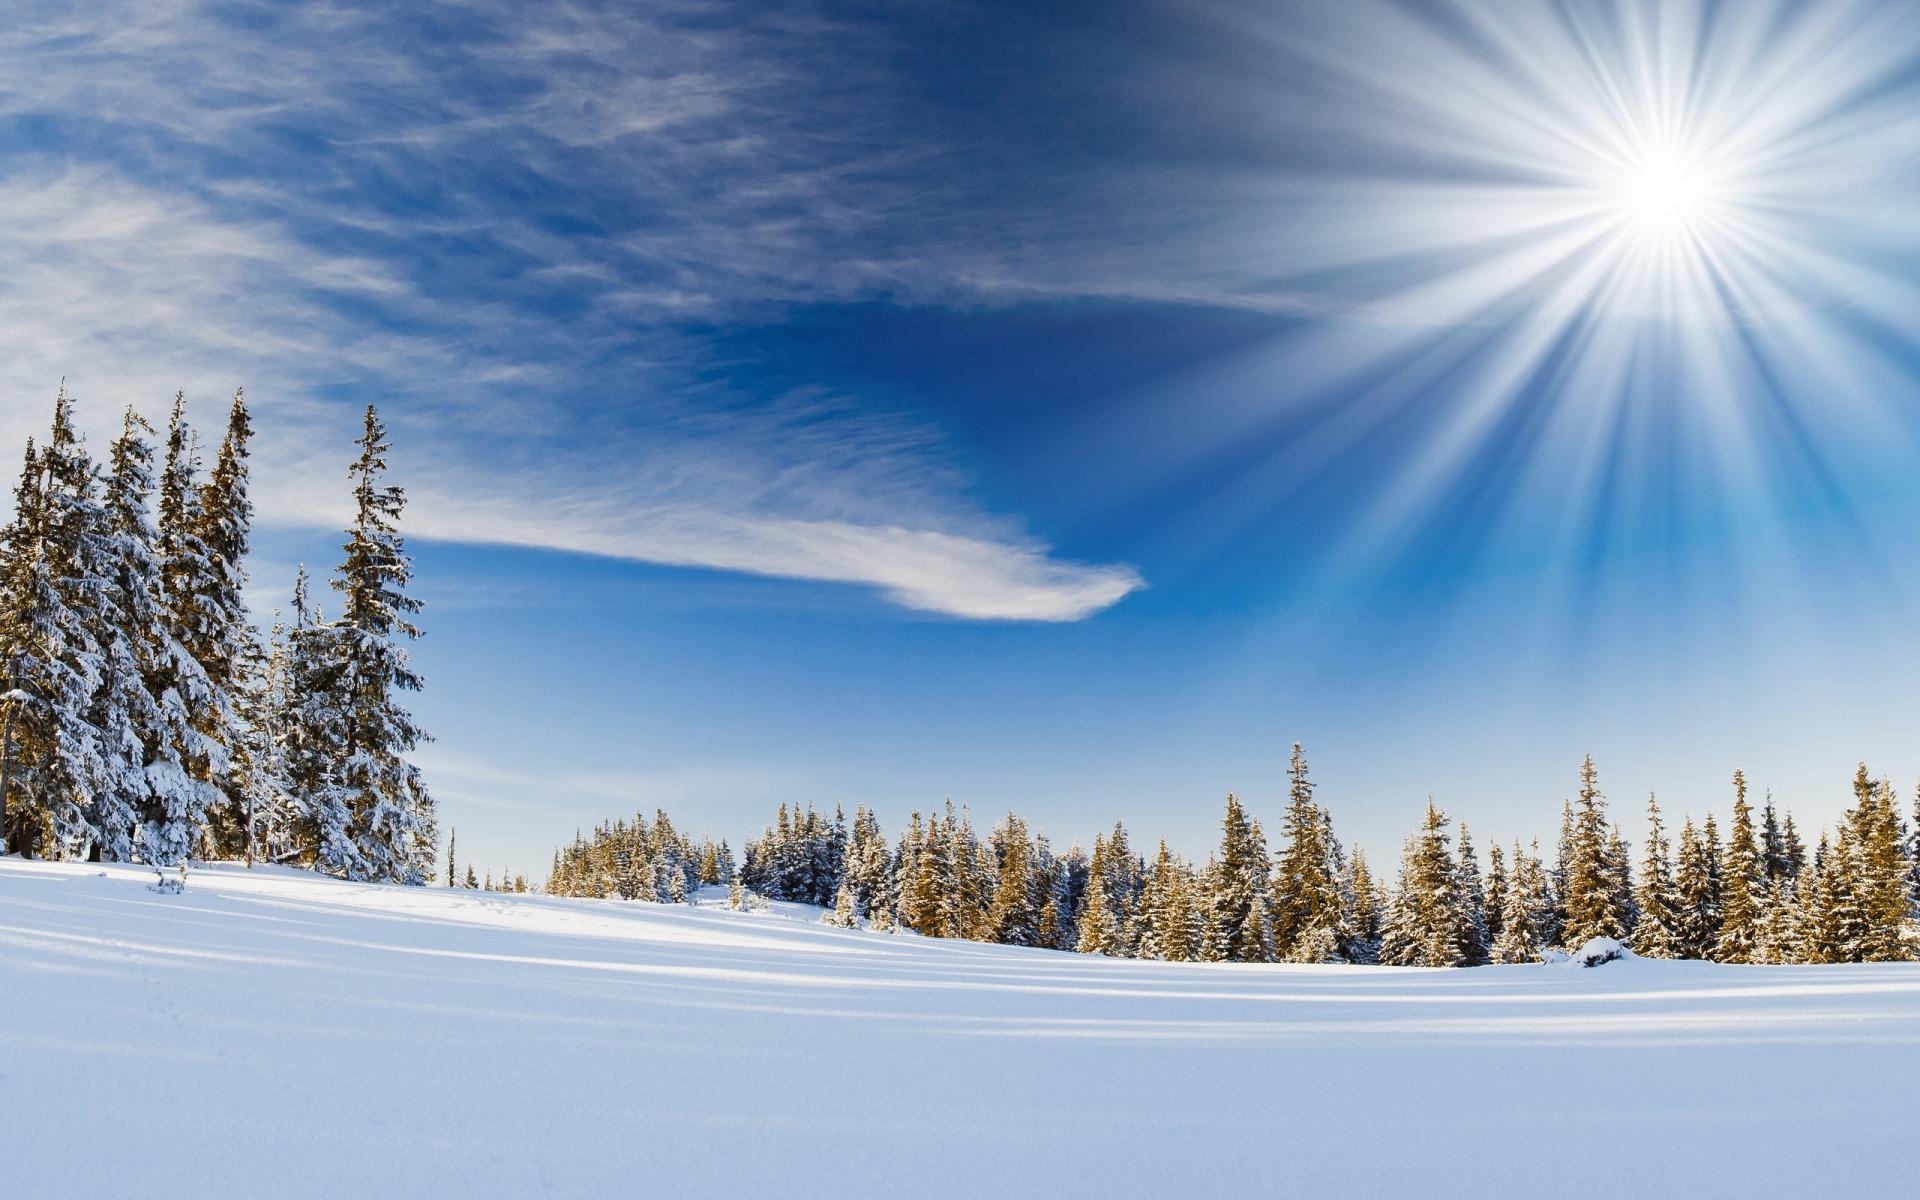 соснового бревна, снежные пейзажи фото этой причине